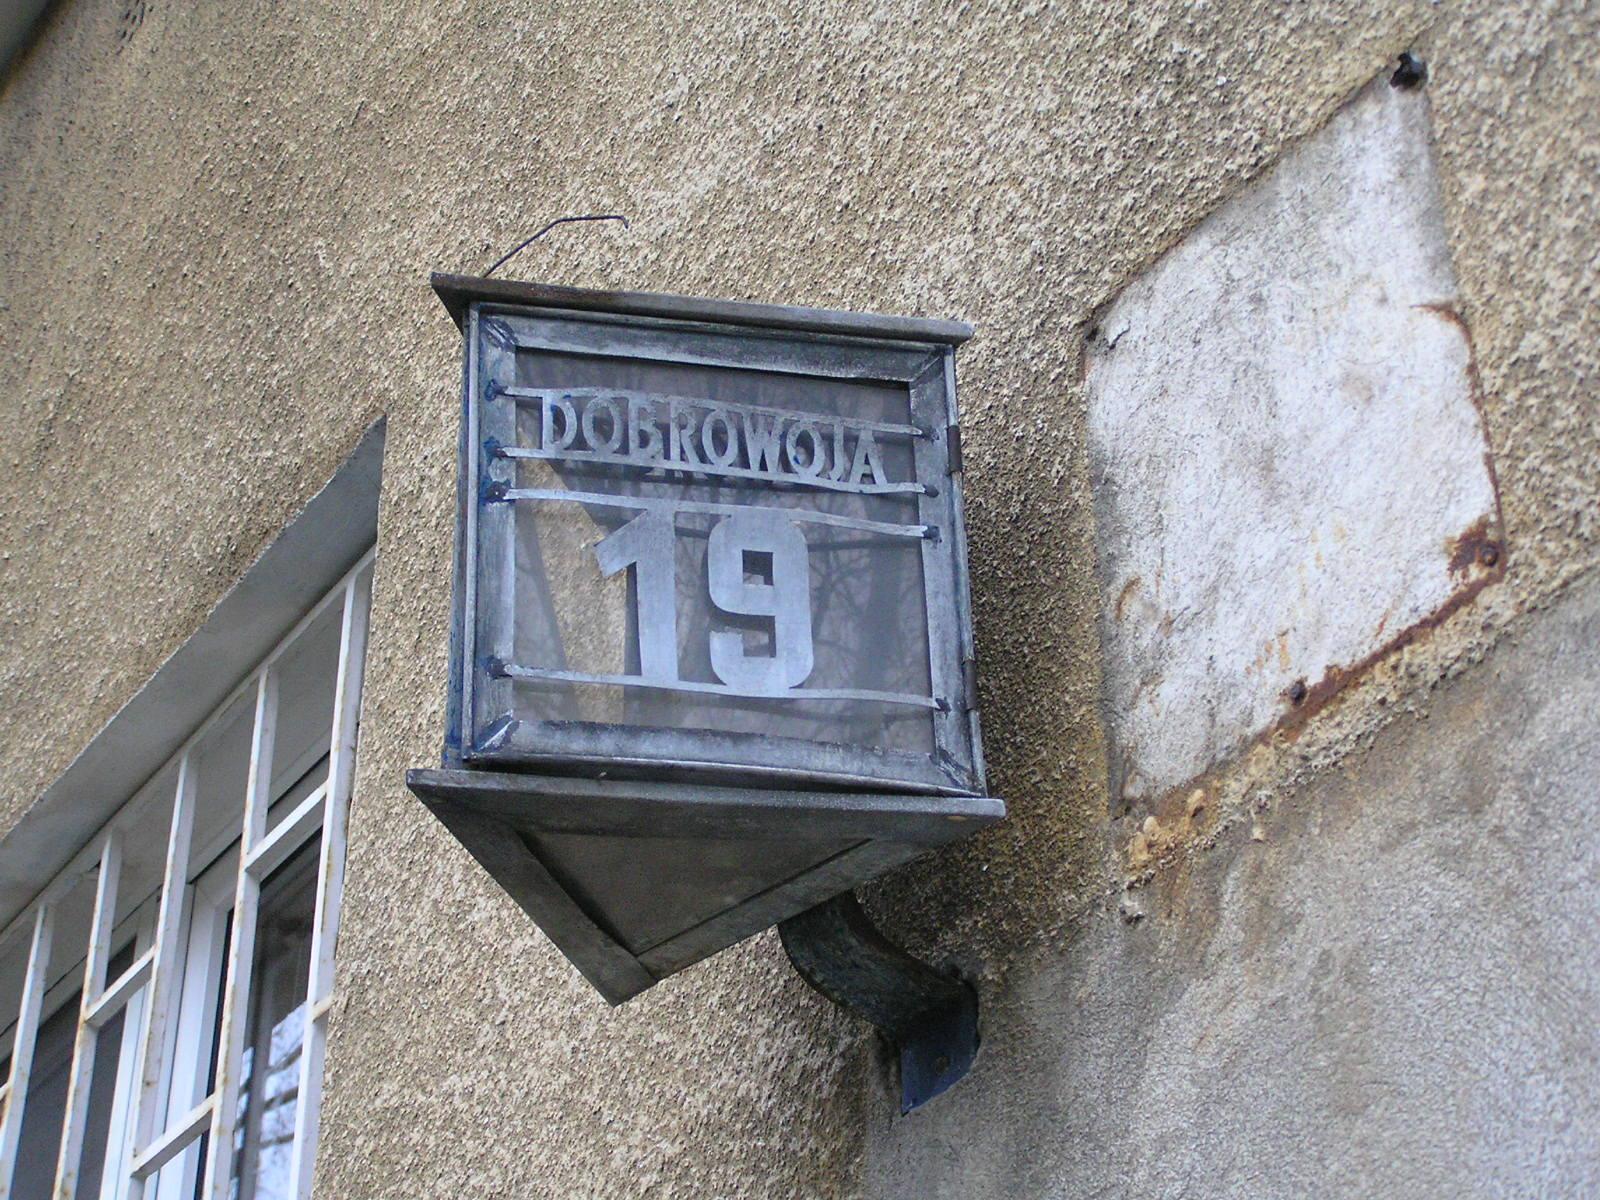 Latarenka adresowa - Dobrowoja 19